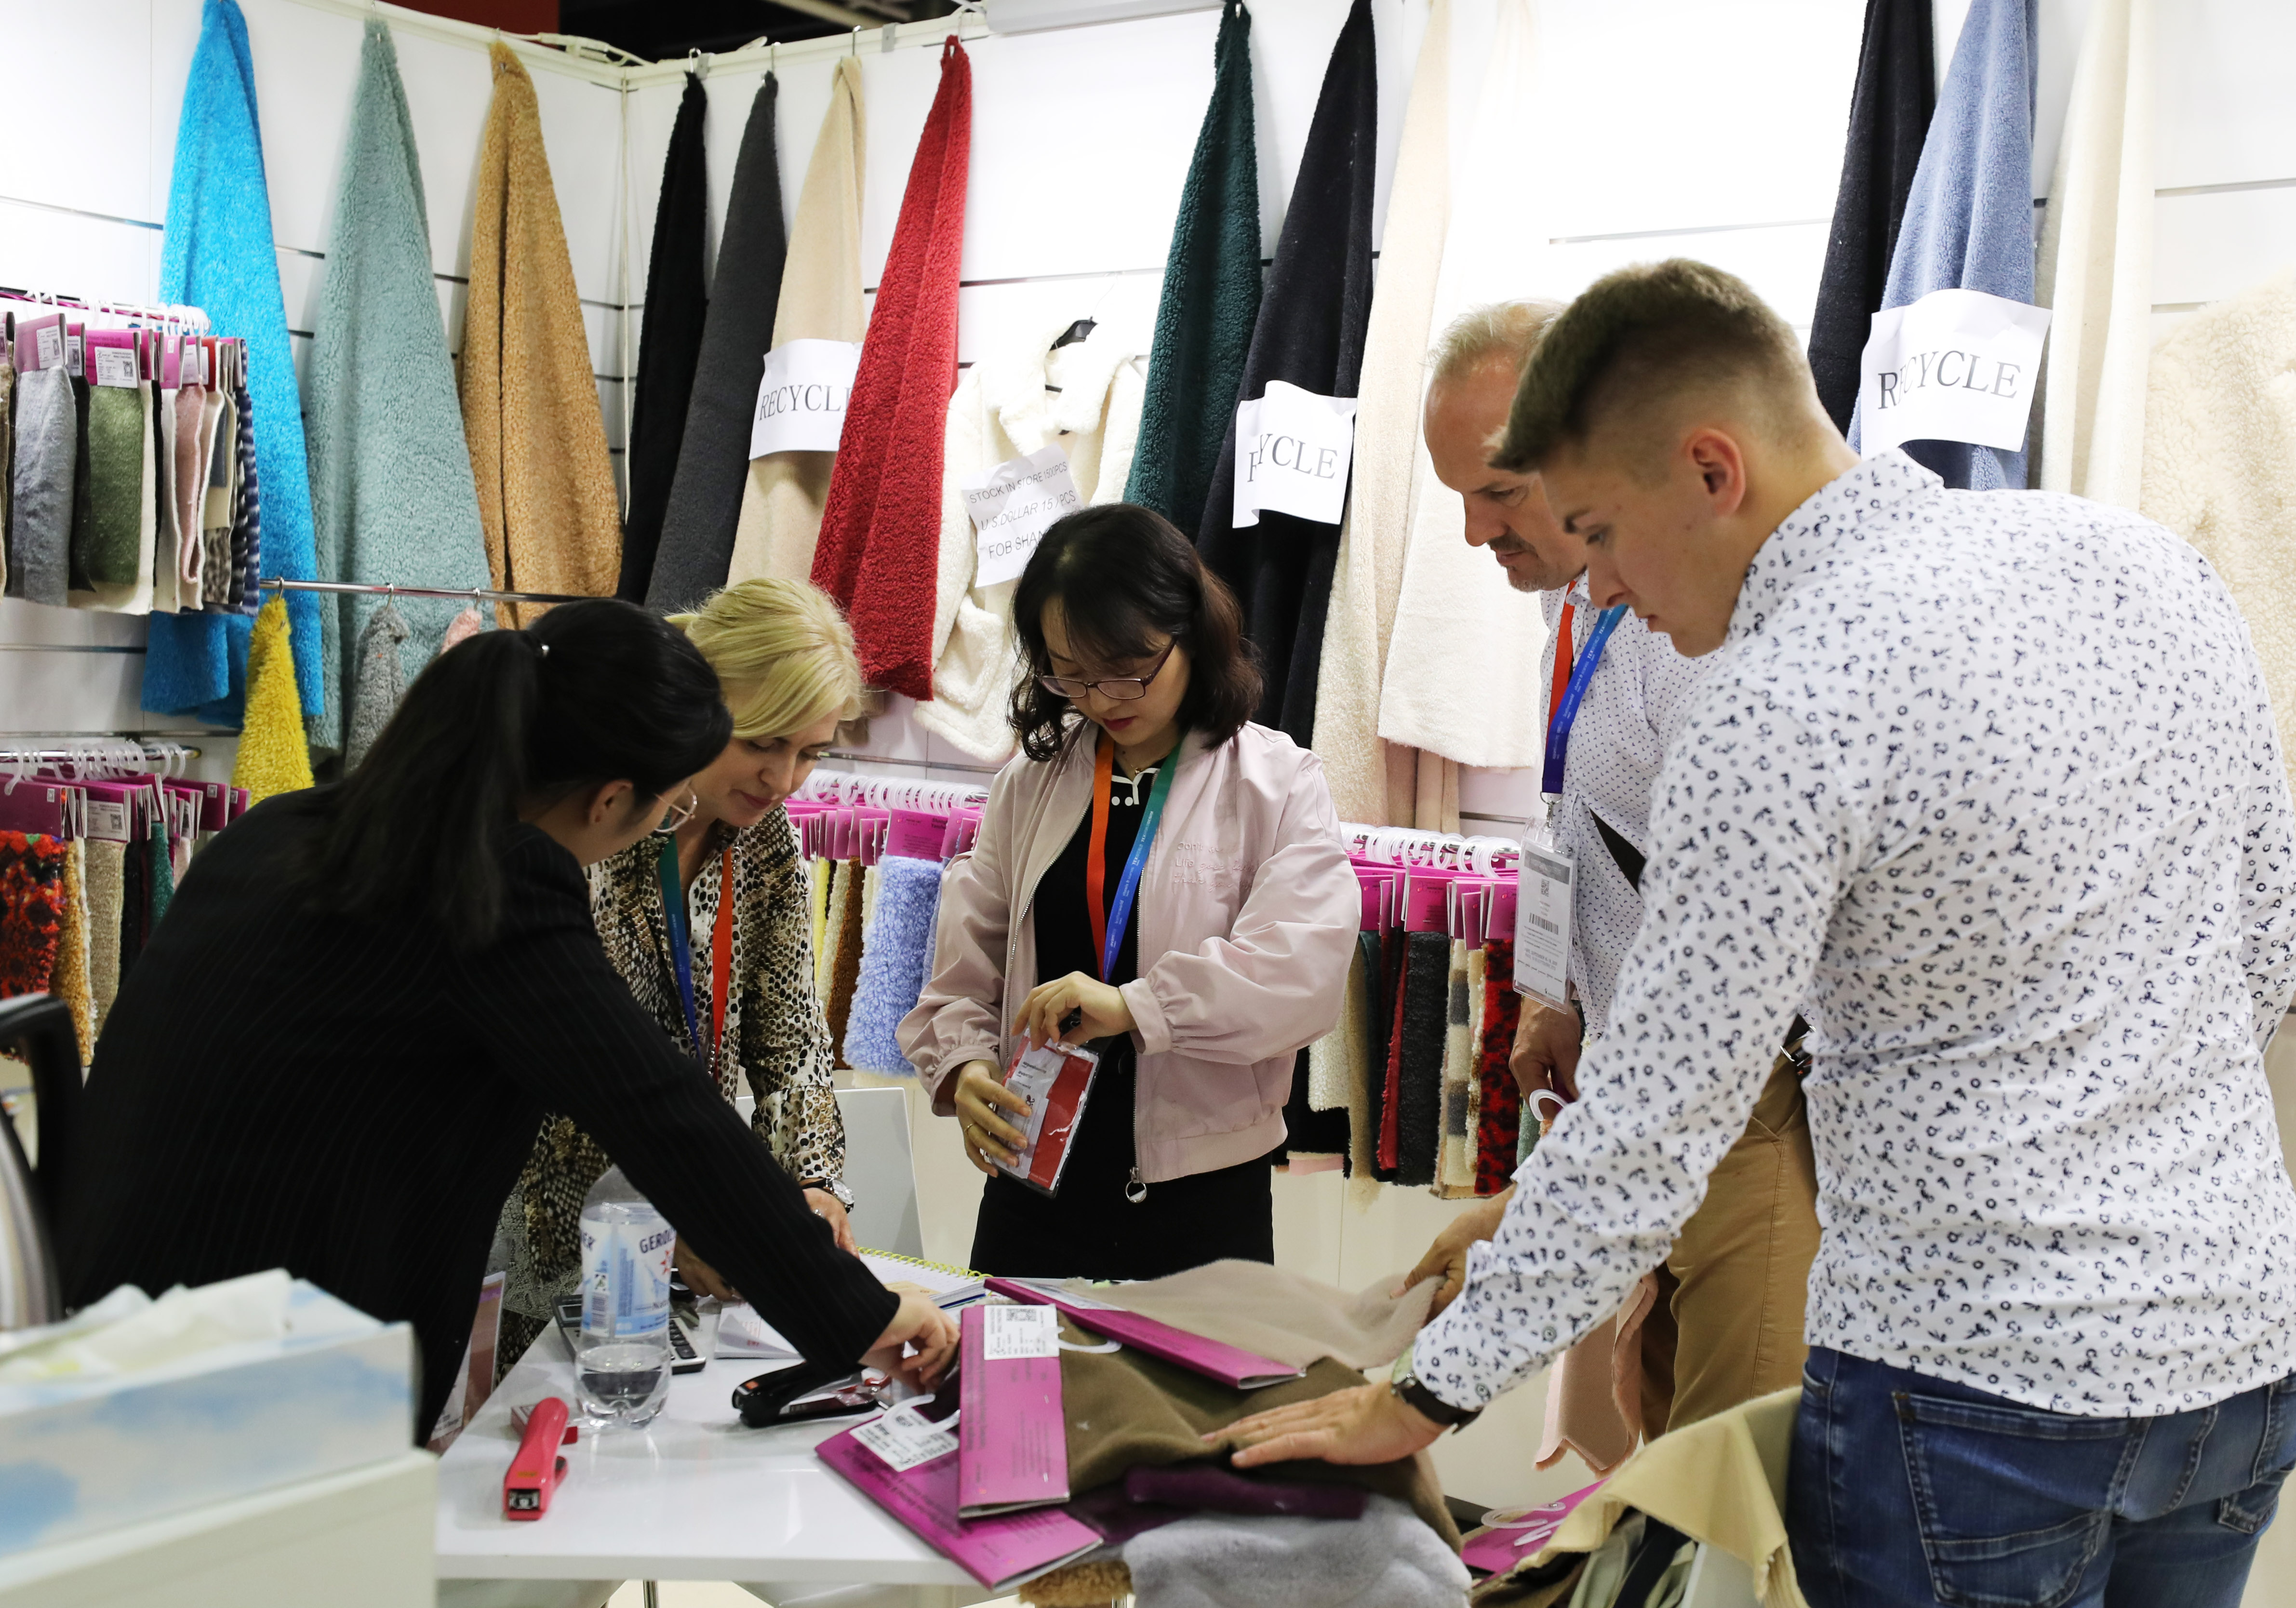 巴黎中国纺织品服装贸易展树立中国品牌新形象